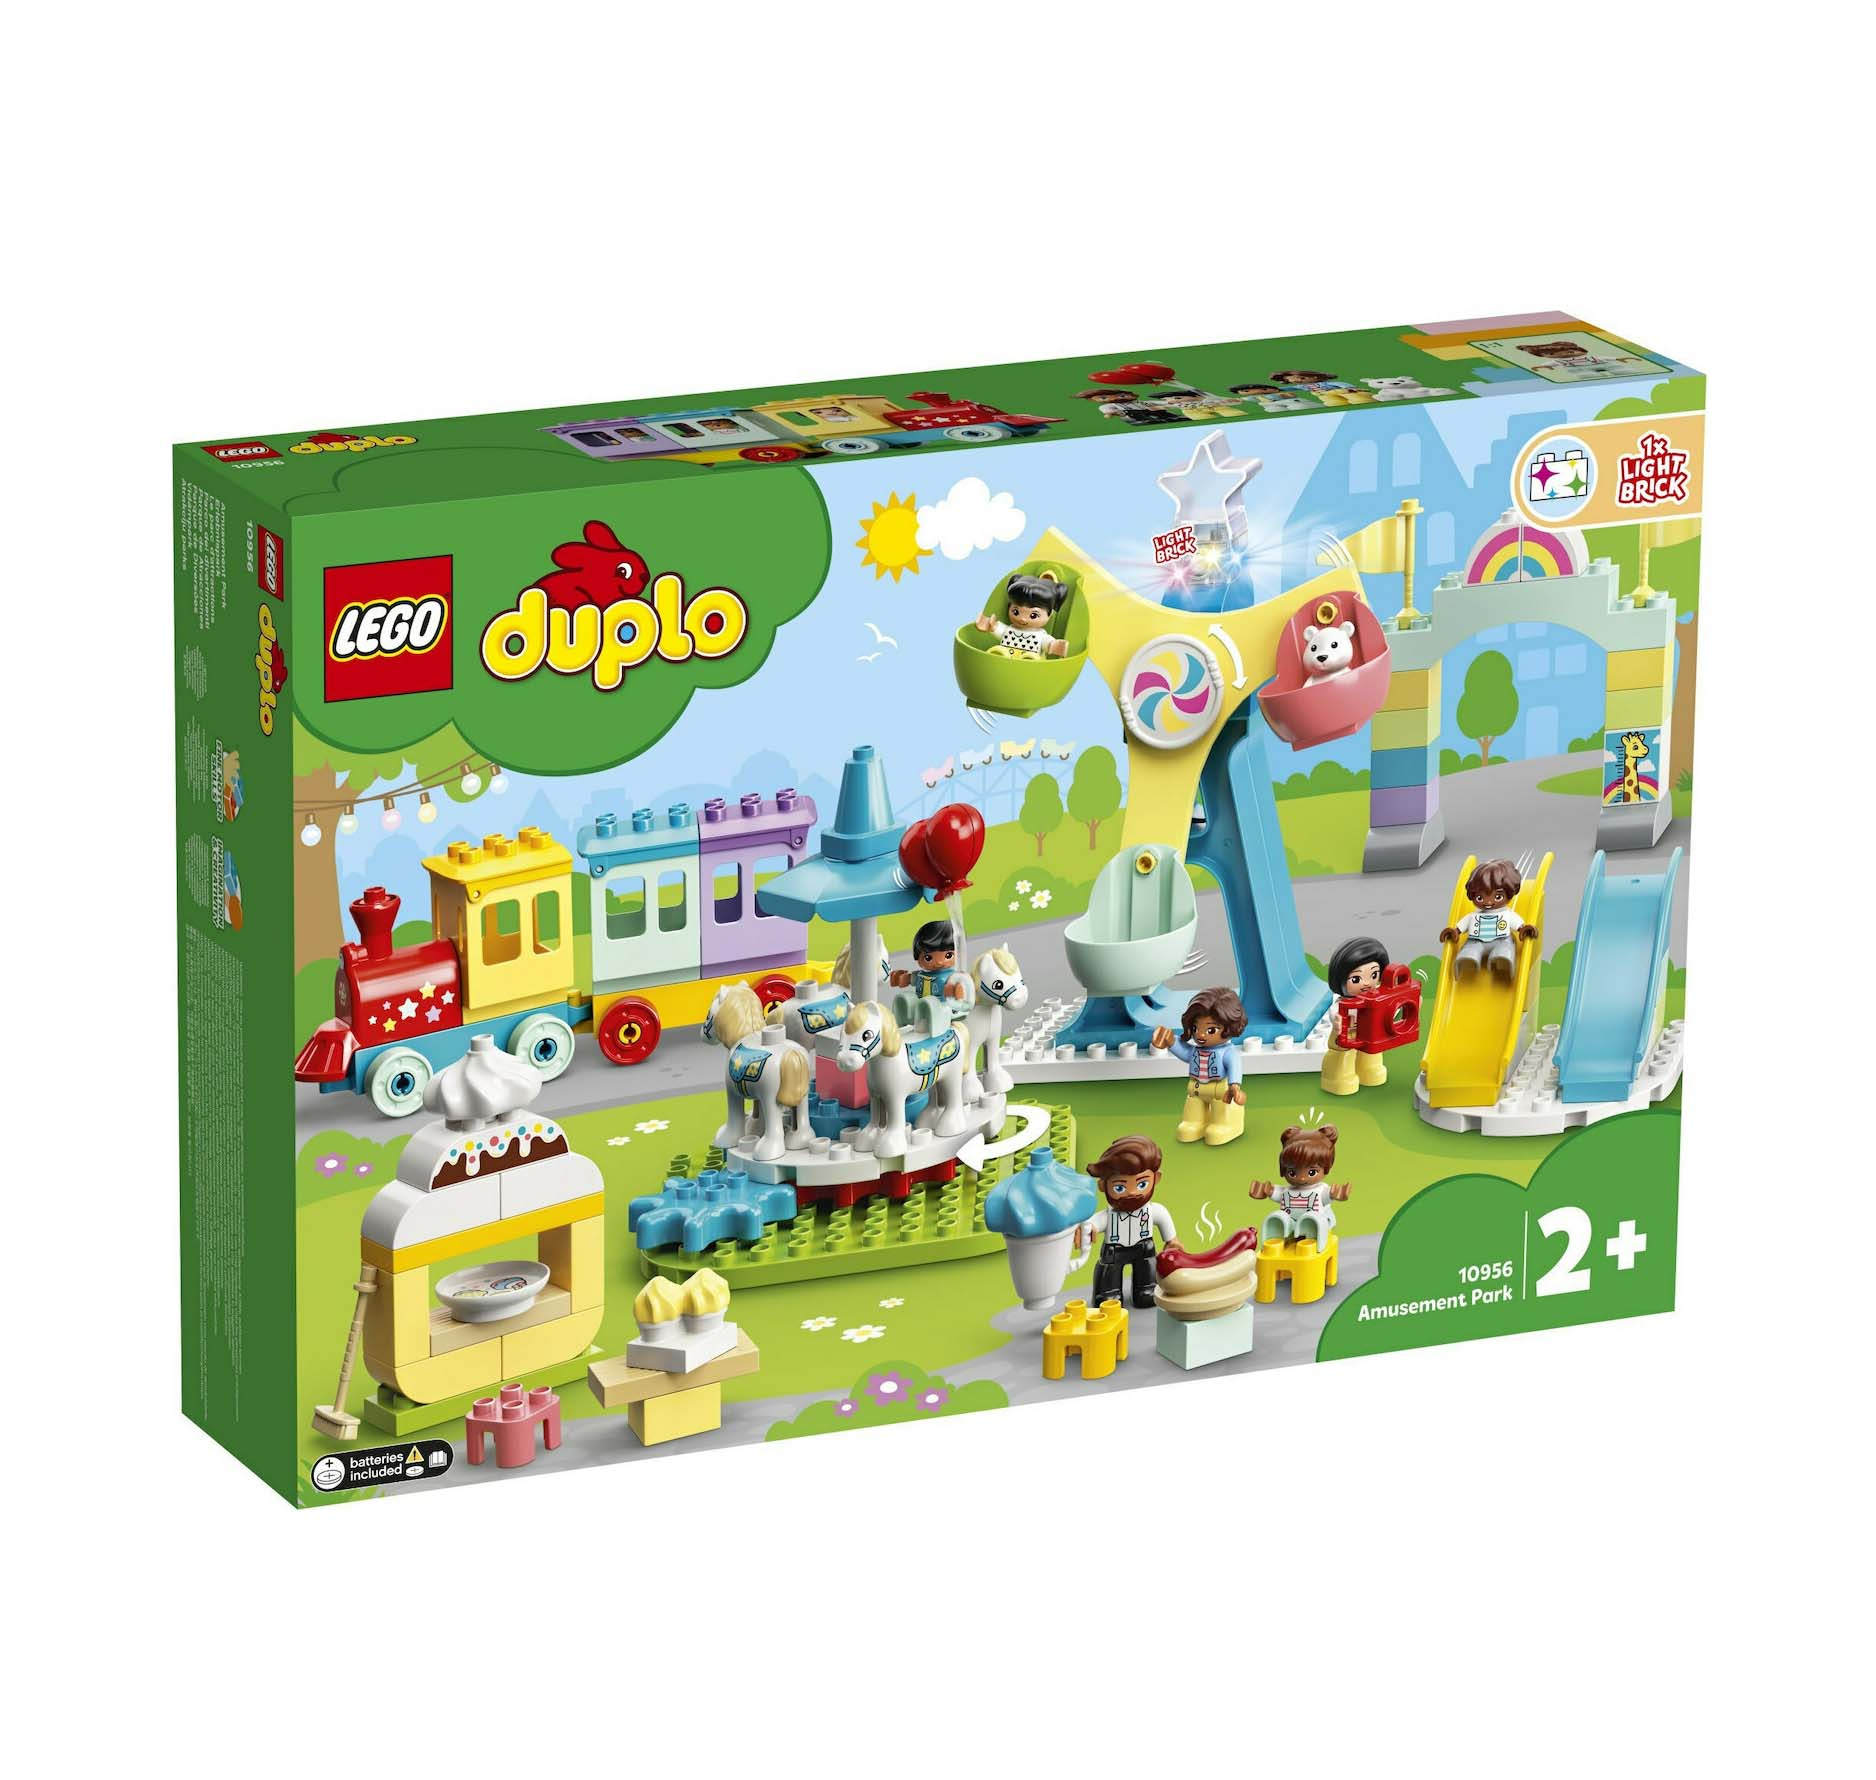 Lego Duplo: Amusement Park 10956